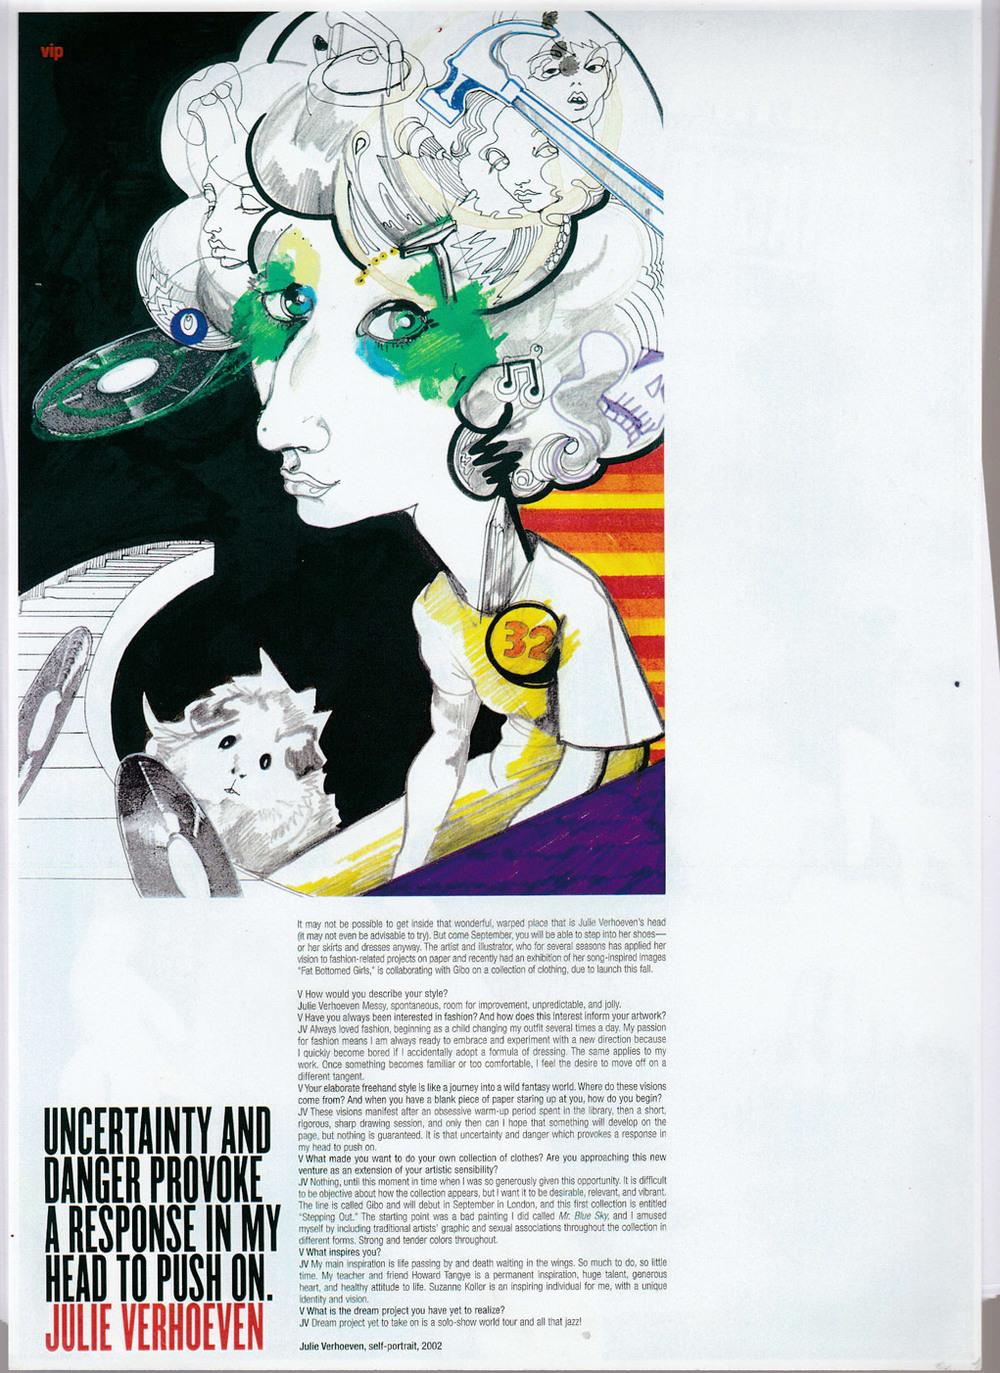 JulieVerhoeven_VMagazine2002